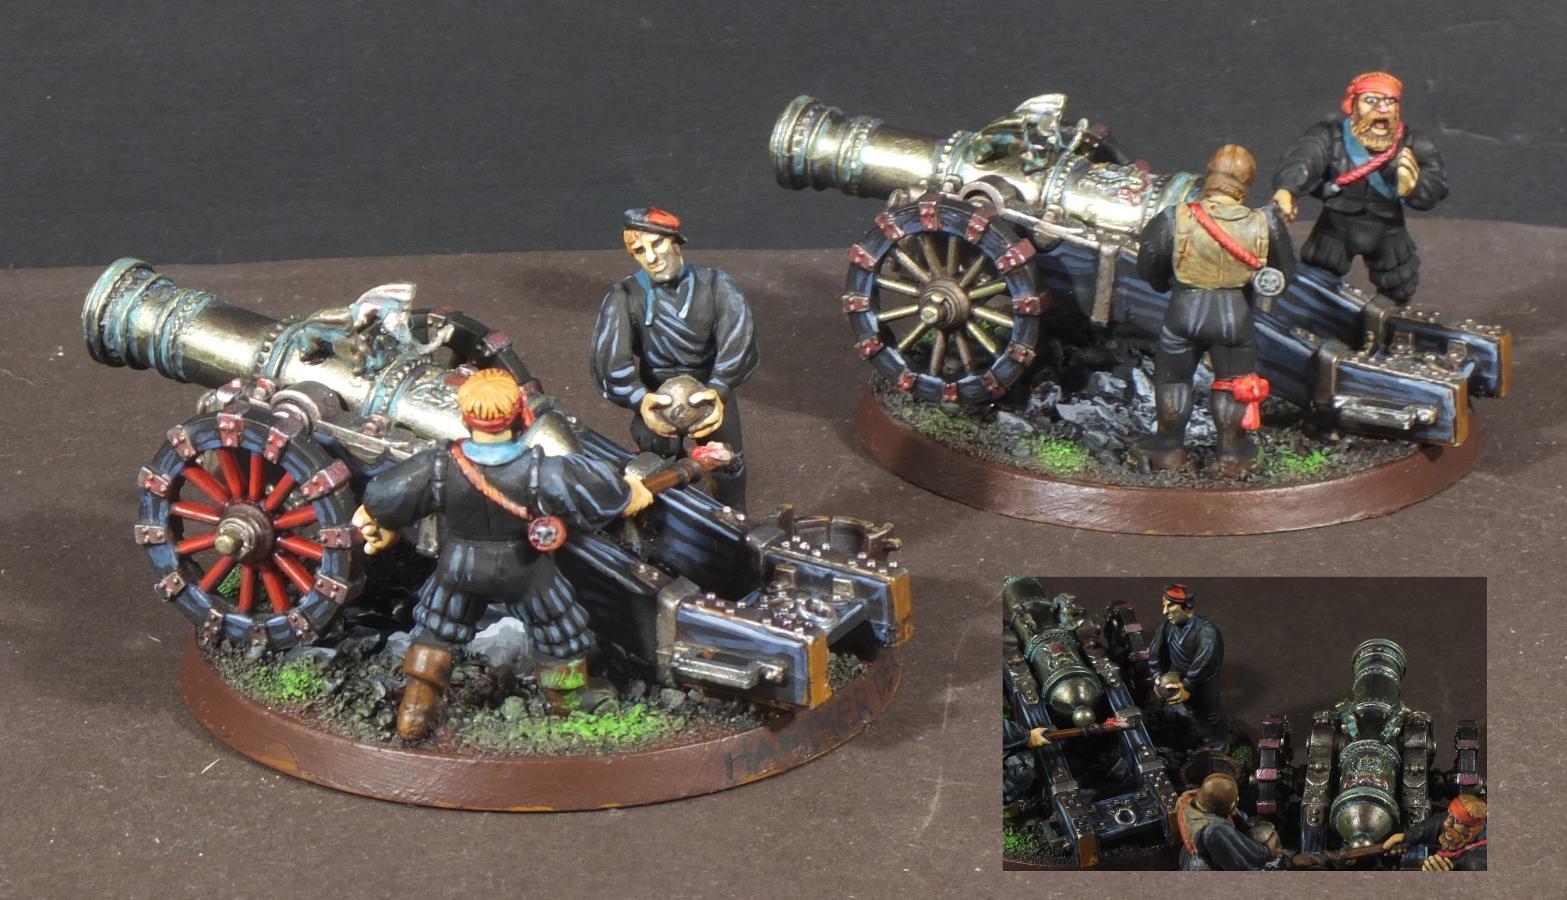 513412654_Artillerie(3).JPG.086aa169a2203ede3b574d2e1b9145d4.JPG